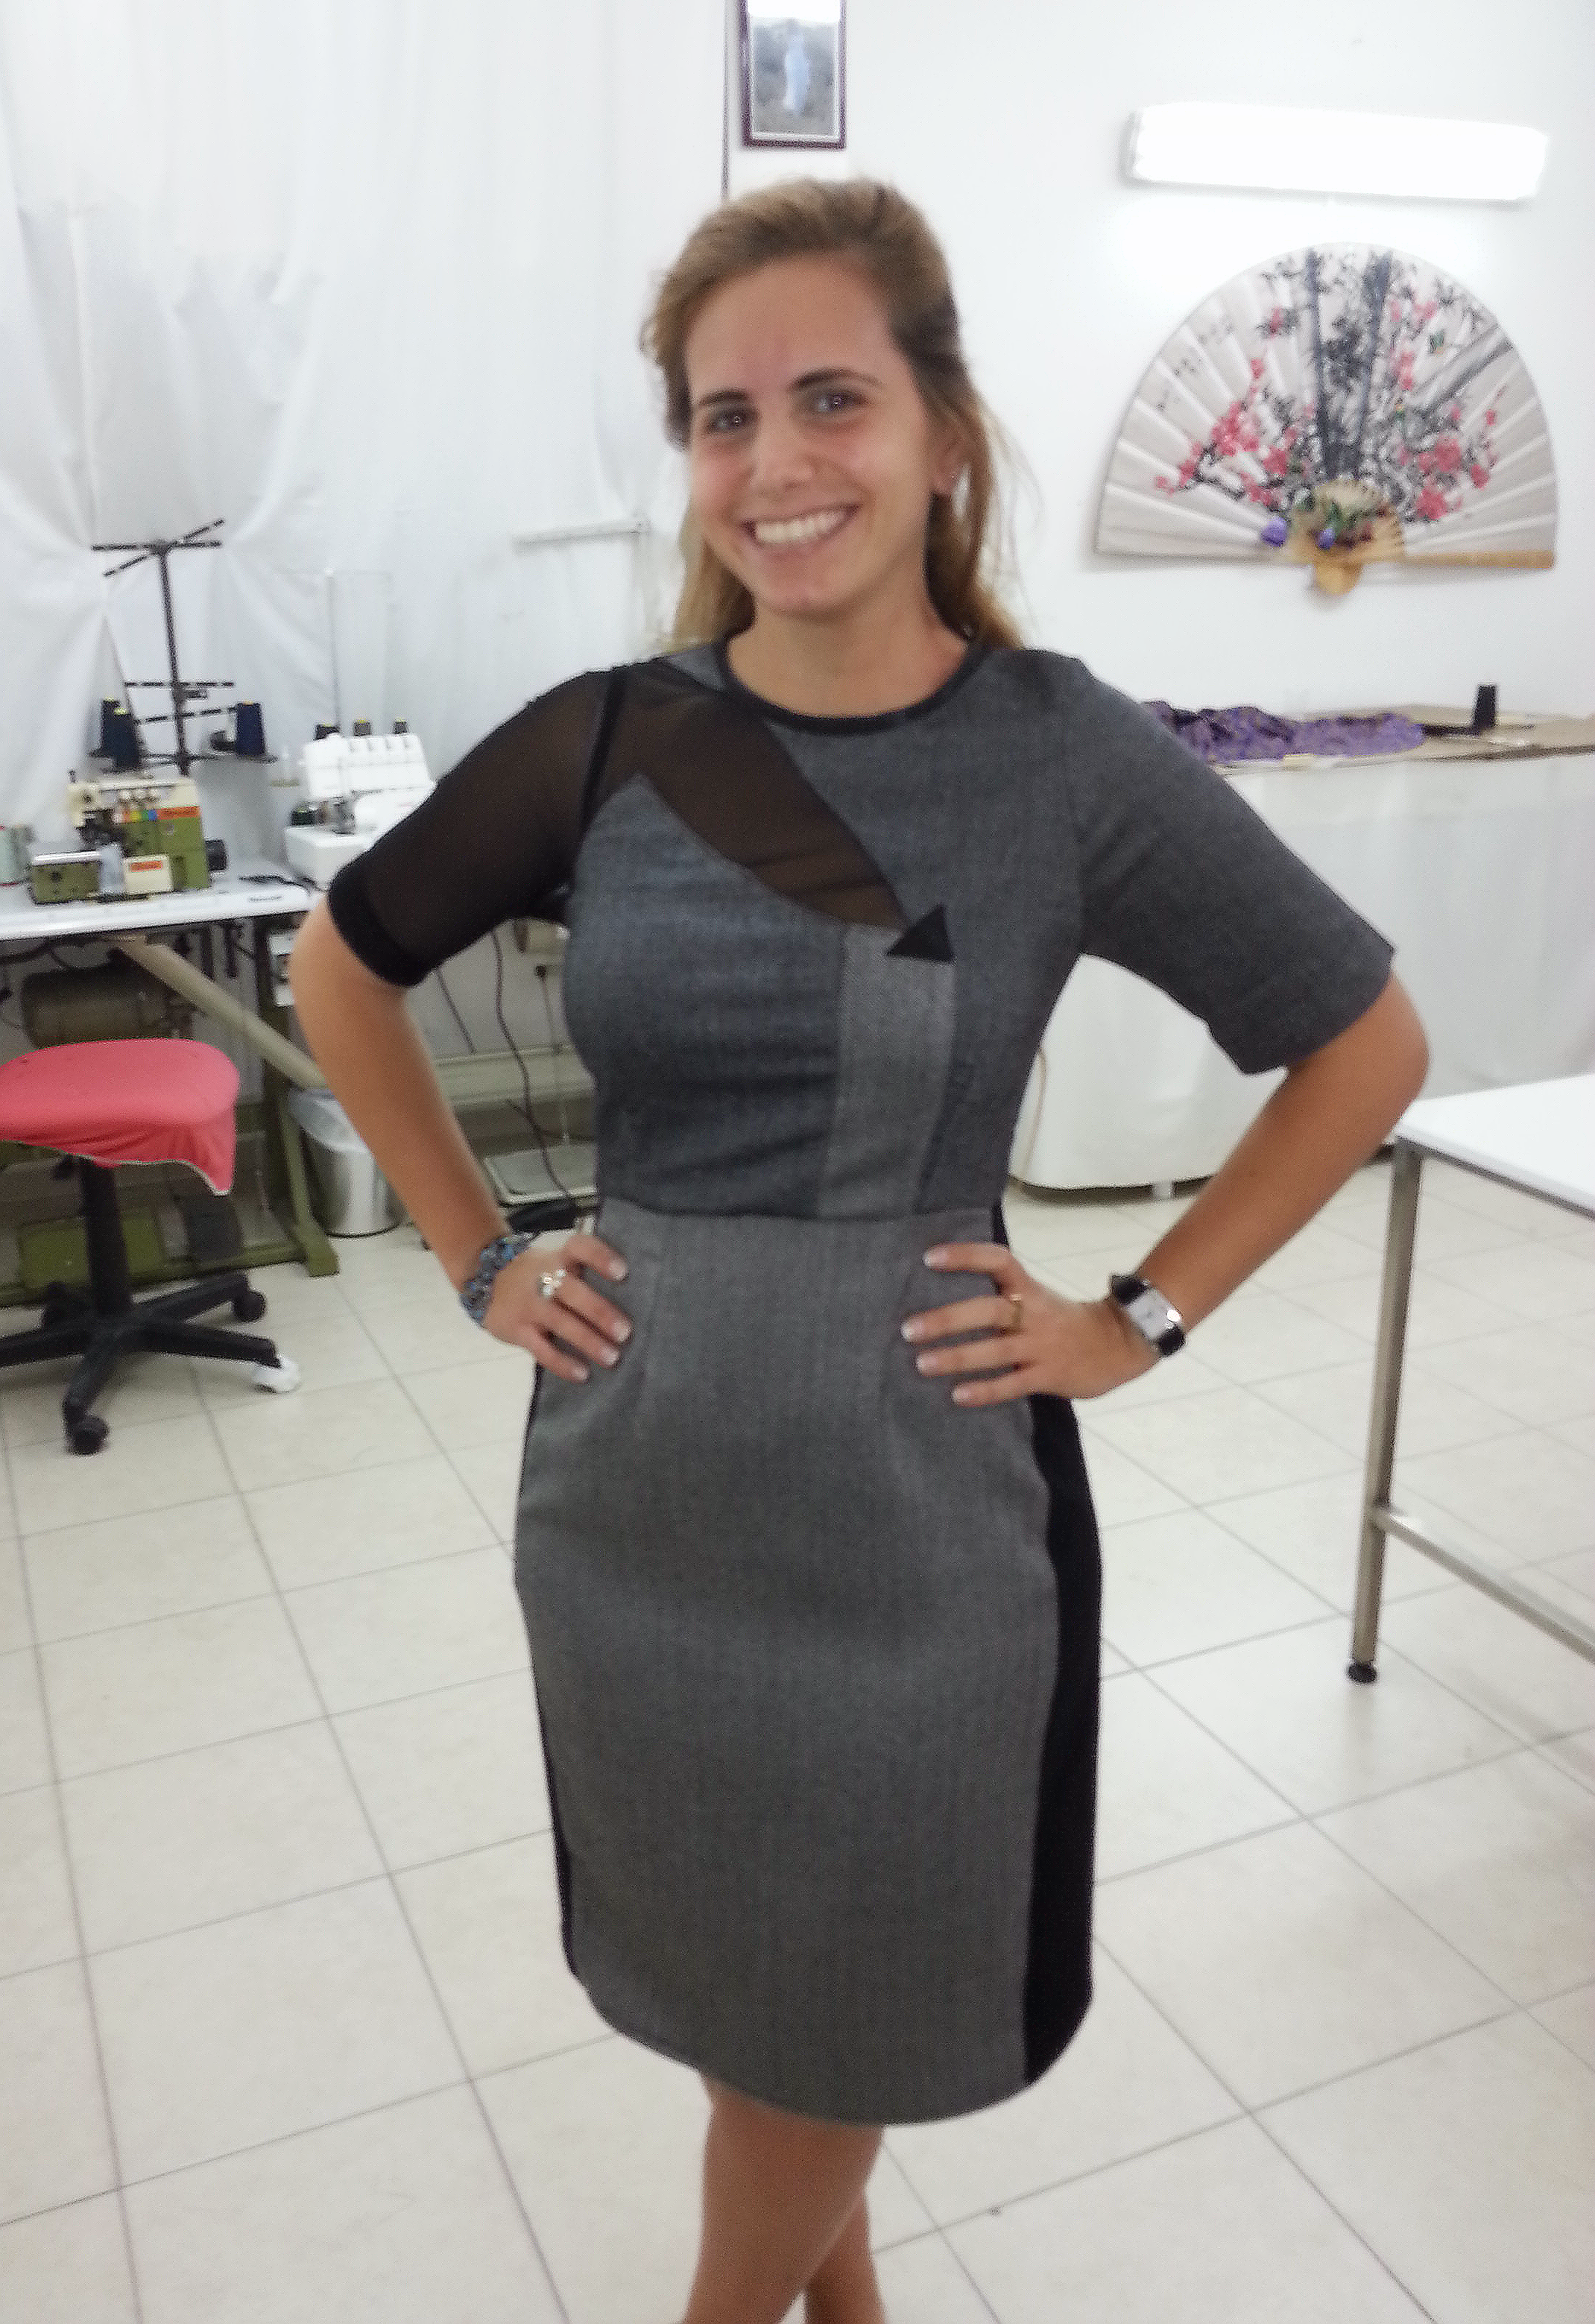 אורטל בשמלה בעיצובה